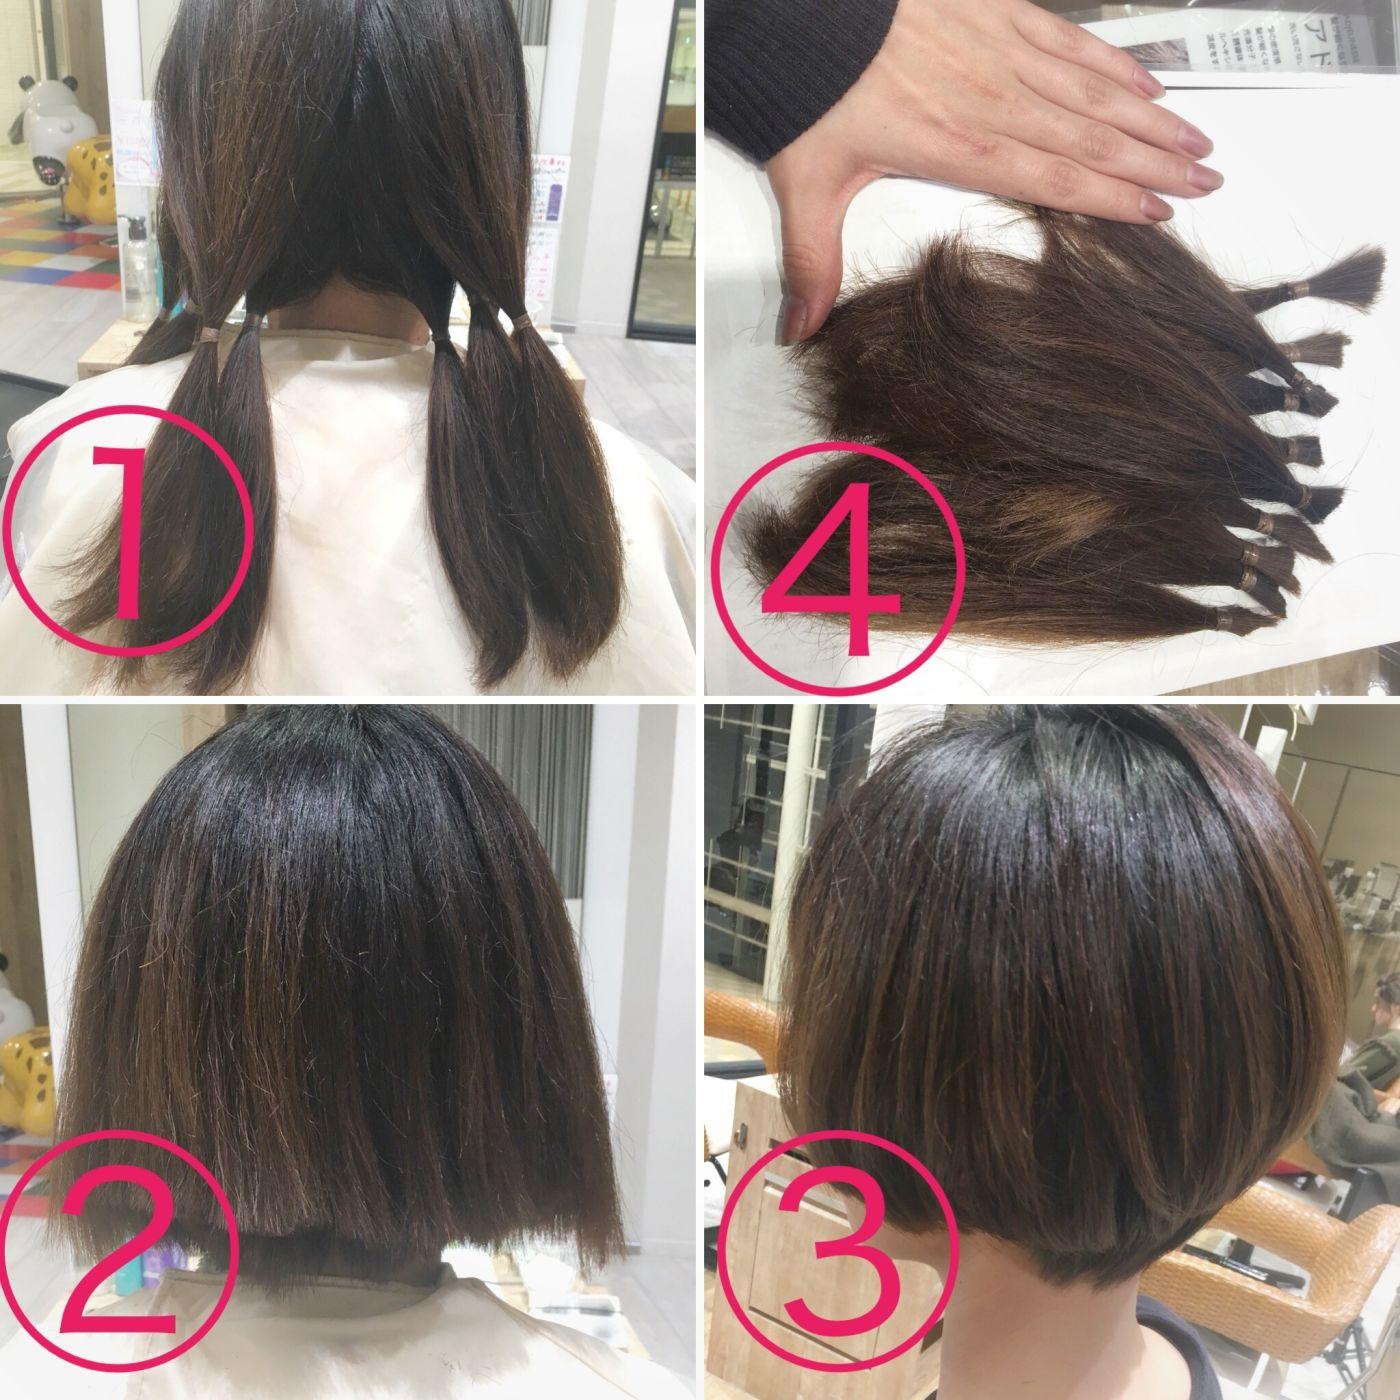 明石でヘアドネーションをする方法 コラム 美容室 Nyny Mothers